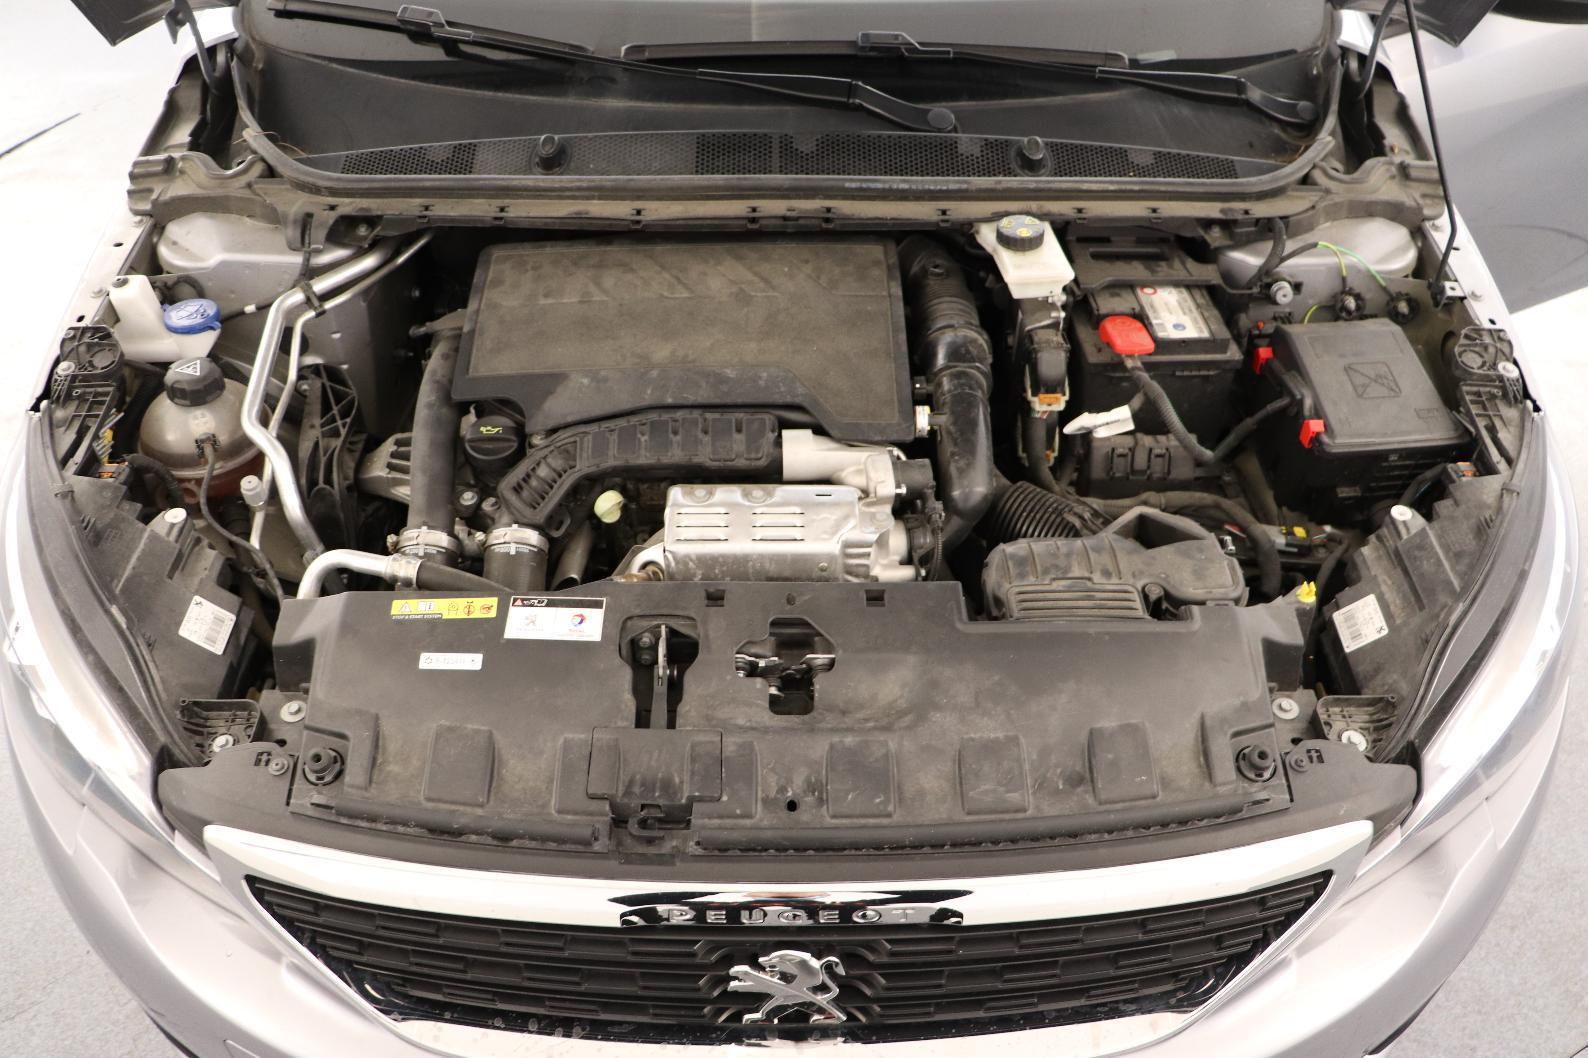 PEUGEOT 308 PureTech 130ch S&S EAT8 Style